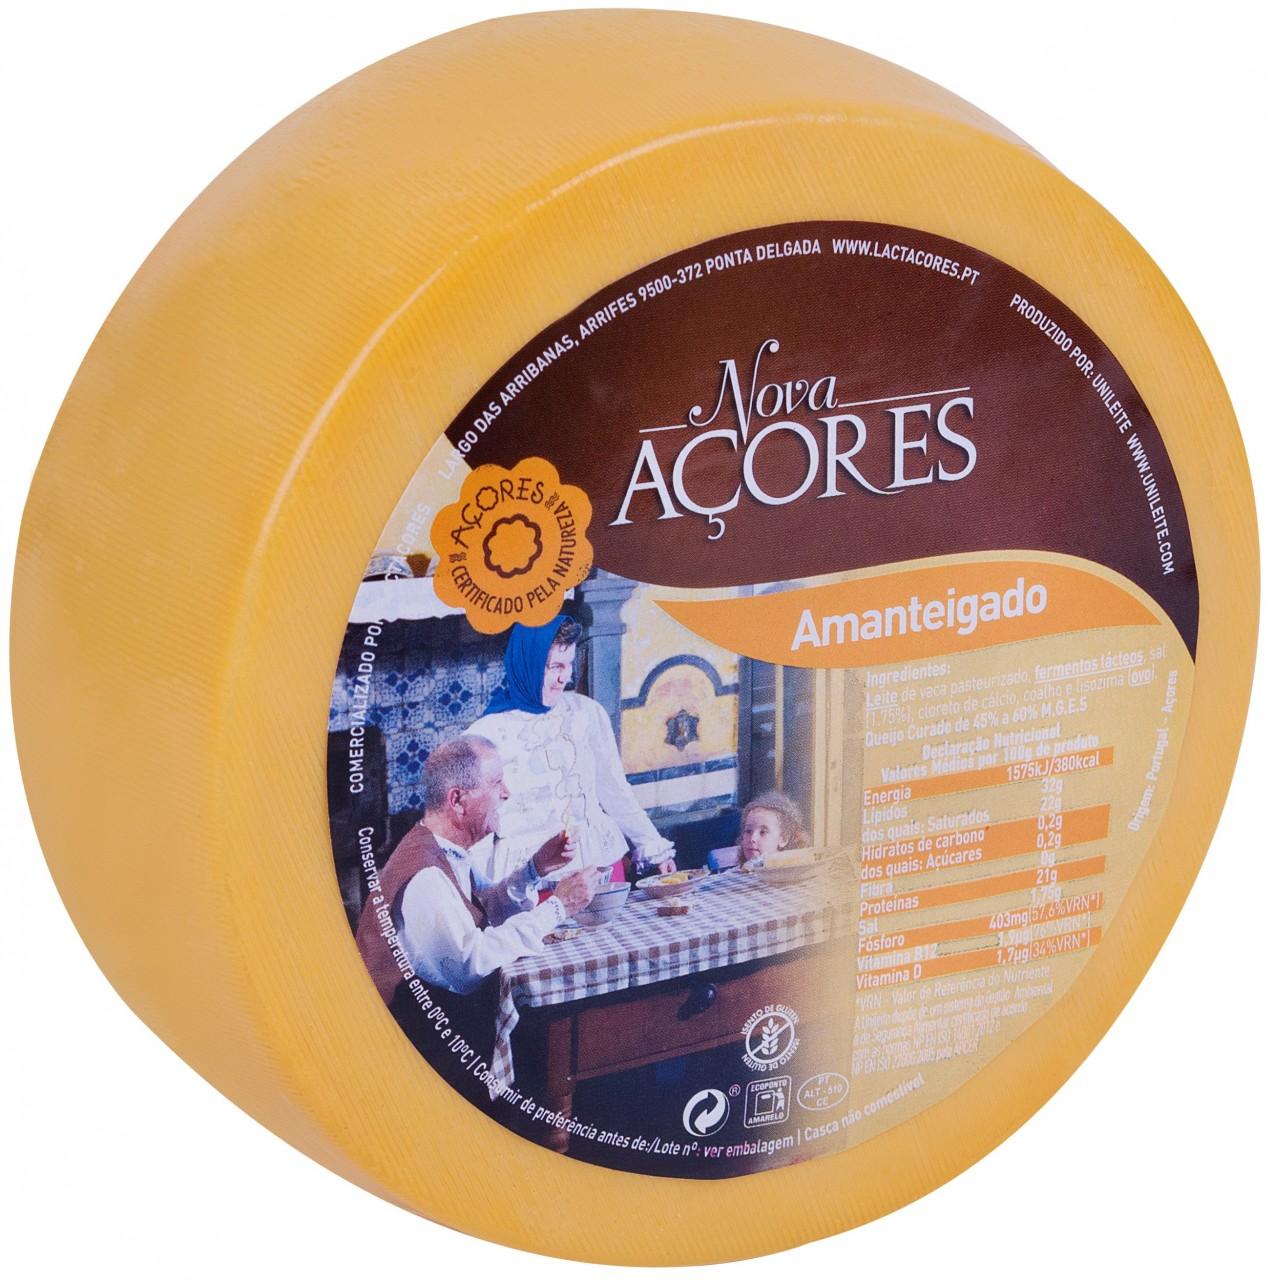 Queijo Amanteigado Nova Açores - Butterkäse 950 gr. - Azoren-Käse - Portugal